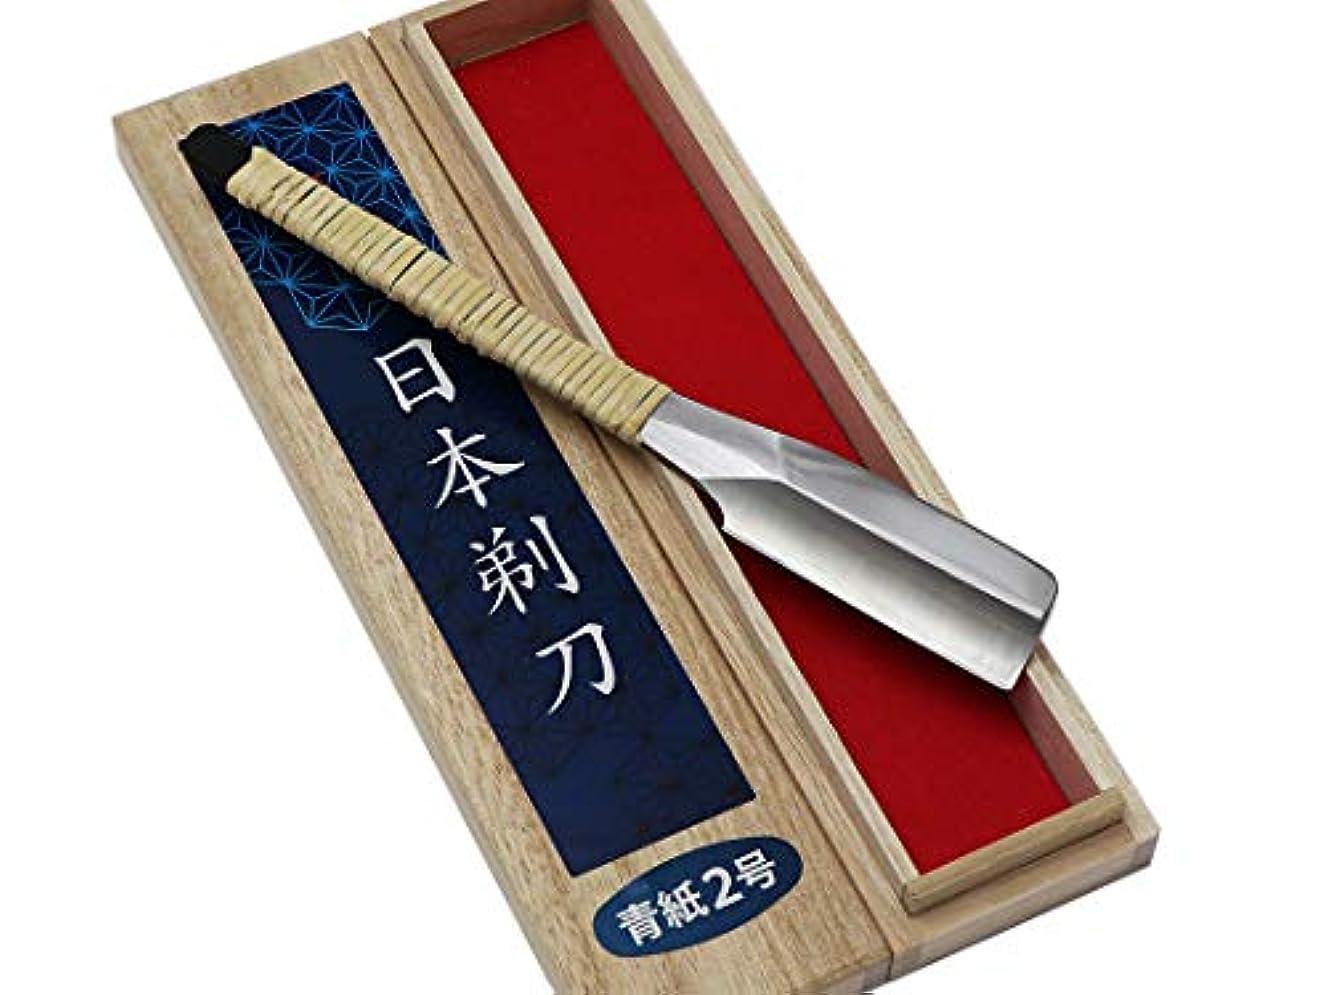 に慣れ流活気づく播州打ち刃物 兼長作 日本剃刀(にほんかみそり) 青二鋼 桐箱入